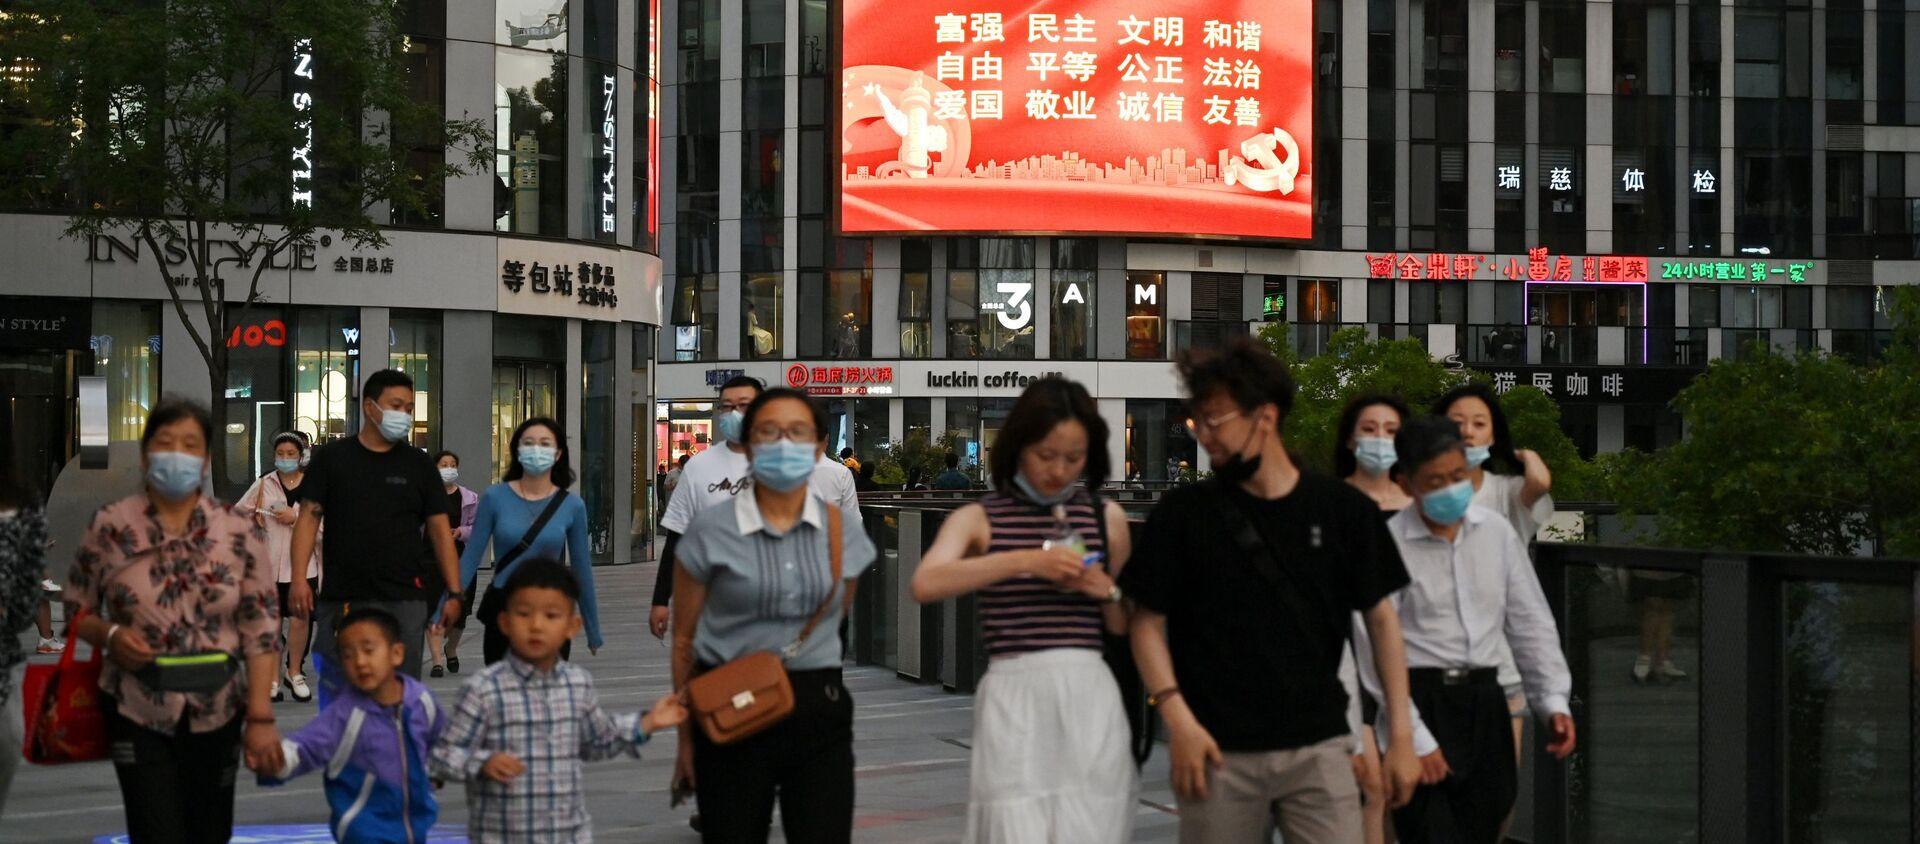 На этой фотографии, сделанной 2 июня 2021 года, на большом экране изображен пропагандистский лозунг: «Основные ценности социализма; процветание, демократия, вежливость, гармония, свобода, равенство, справедливость, верховенство закона, патриотизм, преданность делу, порядочность, дружба. , в торговом центре в Пекине. - Китай усиливает пропагандистскую кампанию в преддверии 100-летнего юбилея правящей Коммунистической партии 1 июля, с плакатами и рекламными щитами по всей стране, напоминающими гражданам о необходимости жить «цивилизованной» жизнью и подчиняться властям. - Sputnik Абхазия, 1920, 27.07.2021